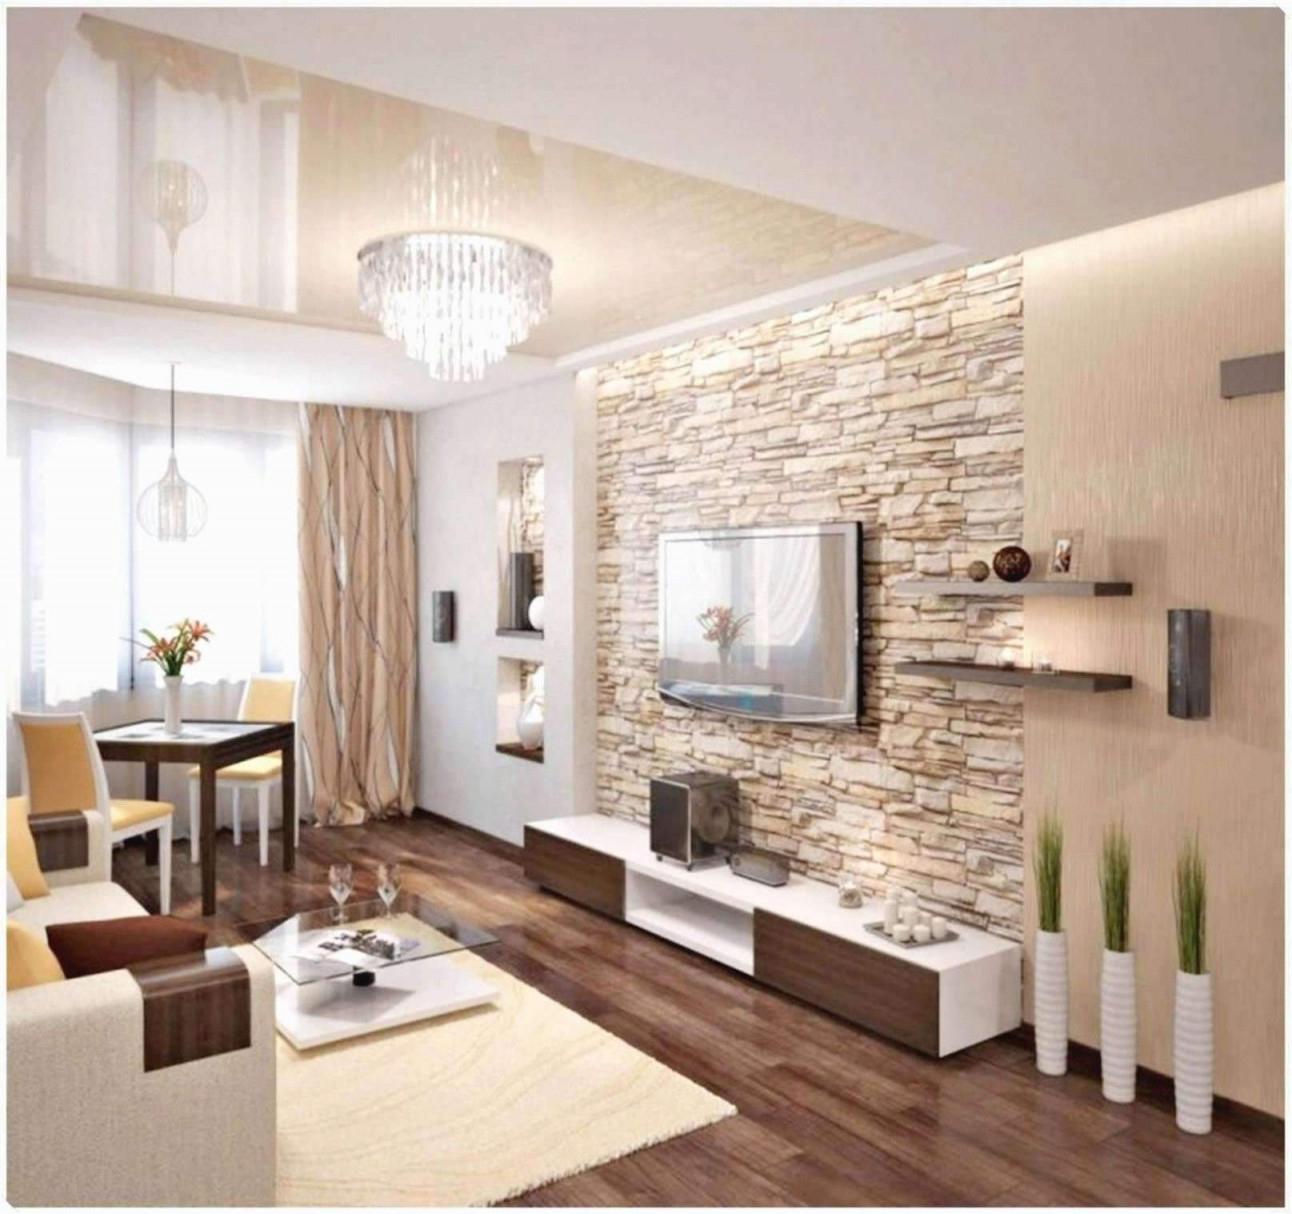 29 Luxus Wohnzimmer Einrichten Ideen Genial  Wohnzimmer Frisch von Wohnzimmer Einrichten Bilder Photo